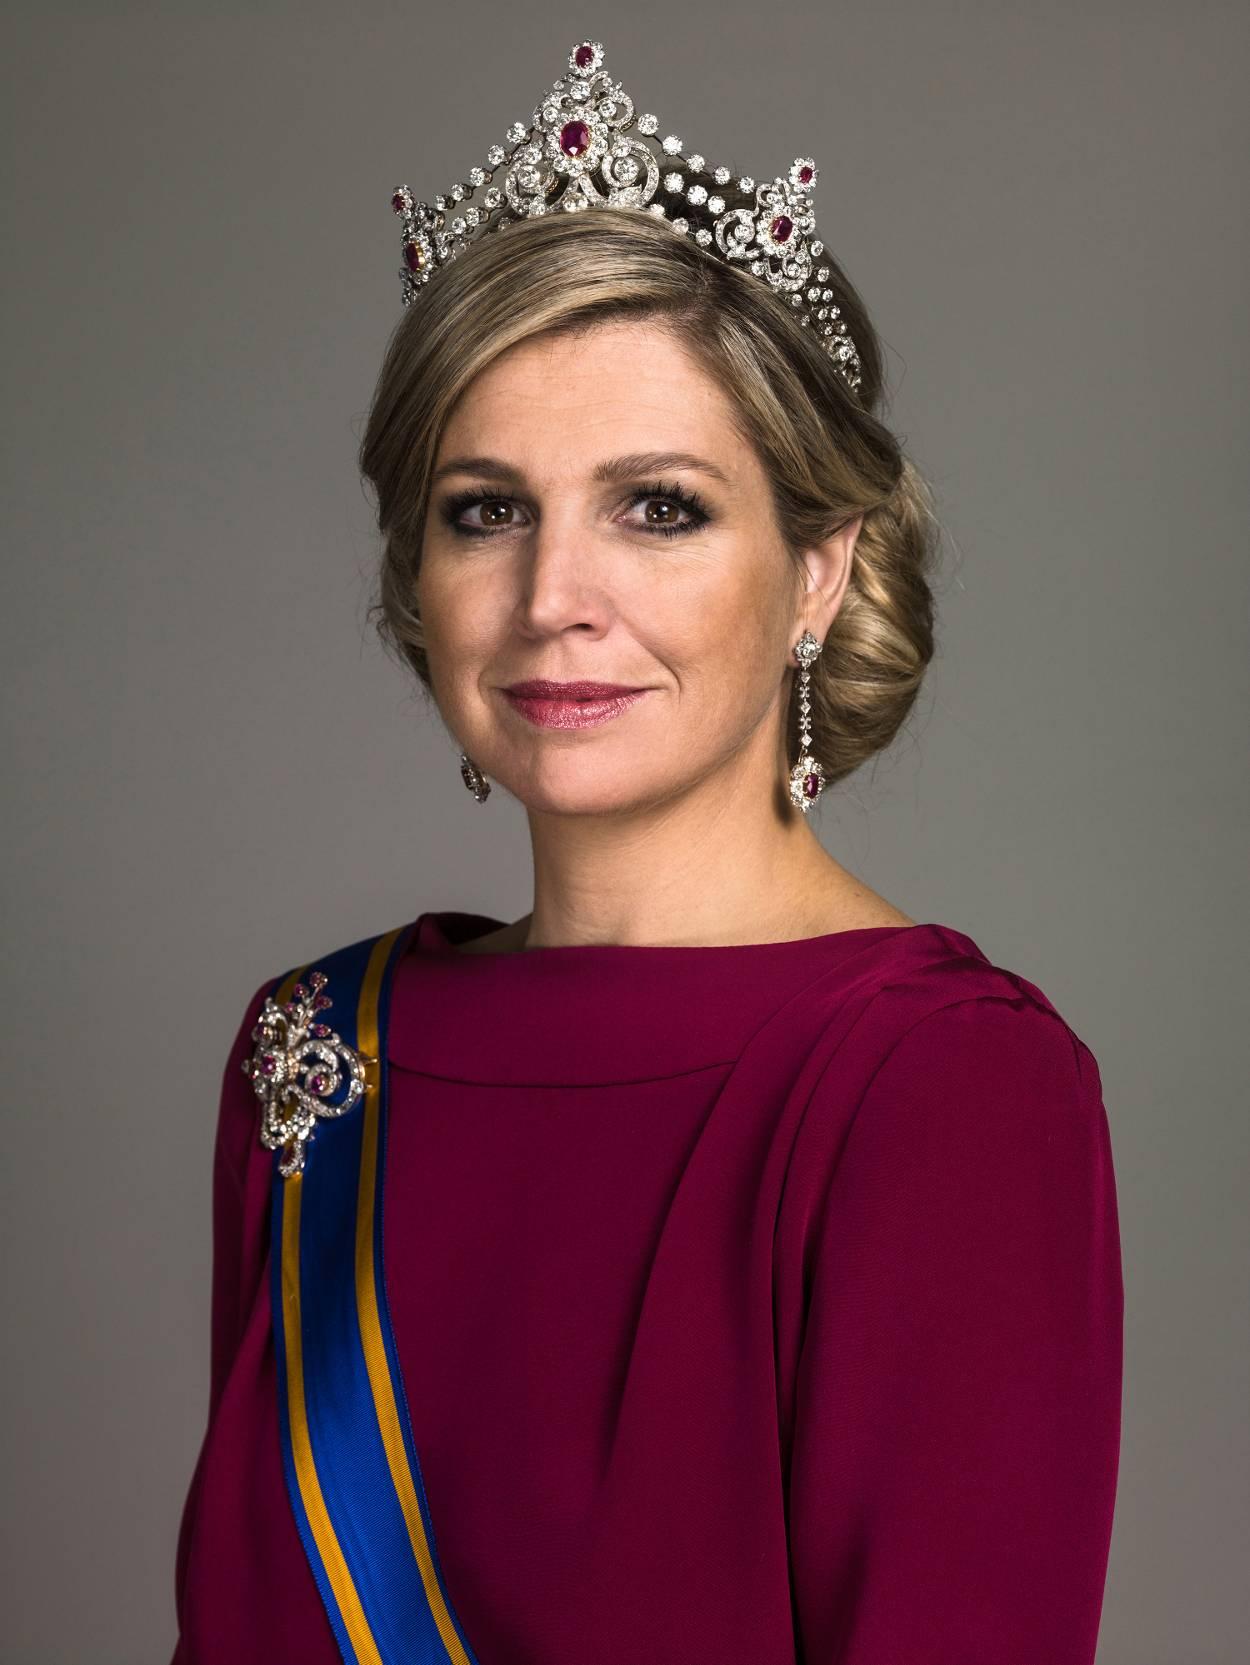 Irgendwann wird auch Maximas Tochter Amalia diese Tiara tragen. © RVD, Koos Breuke